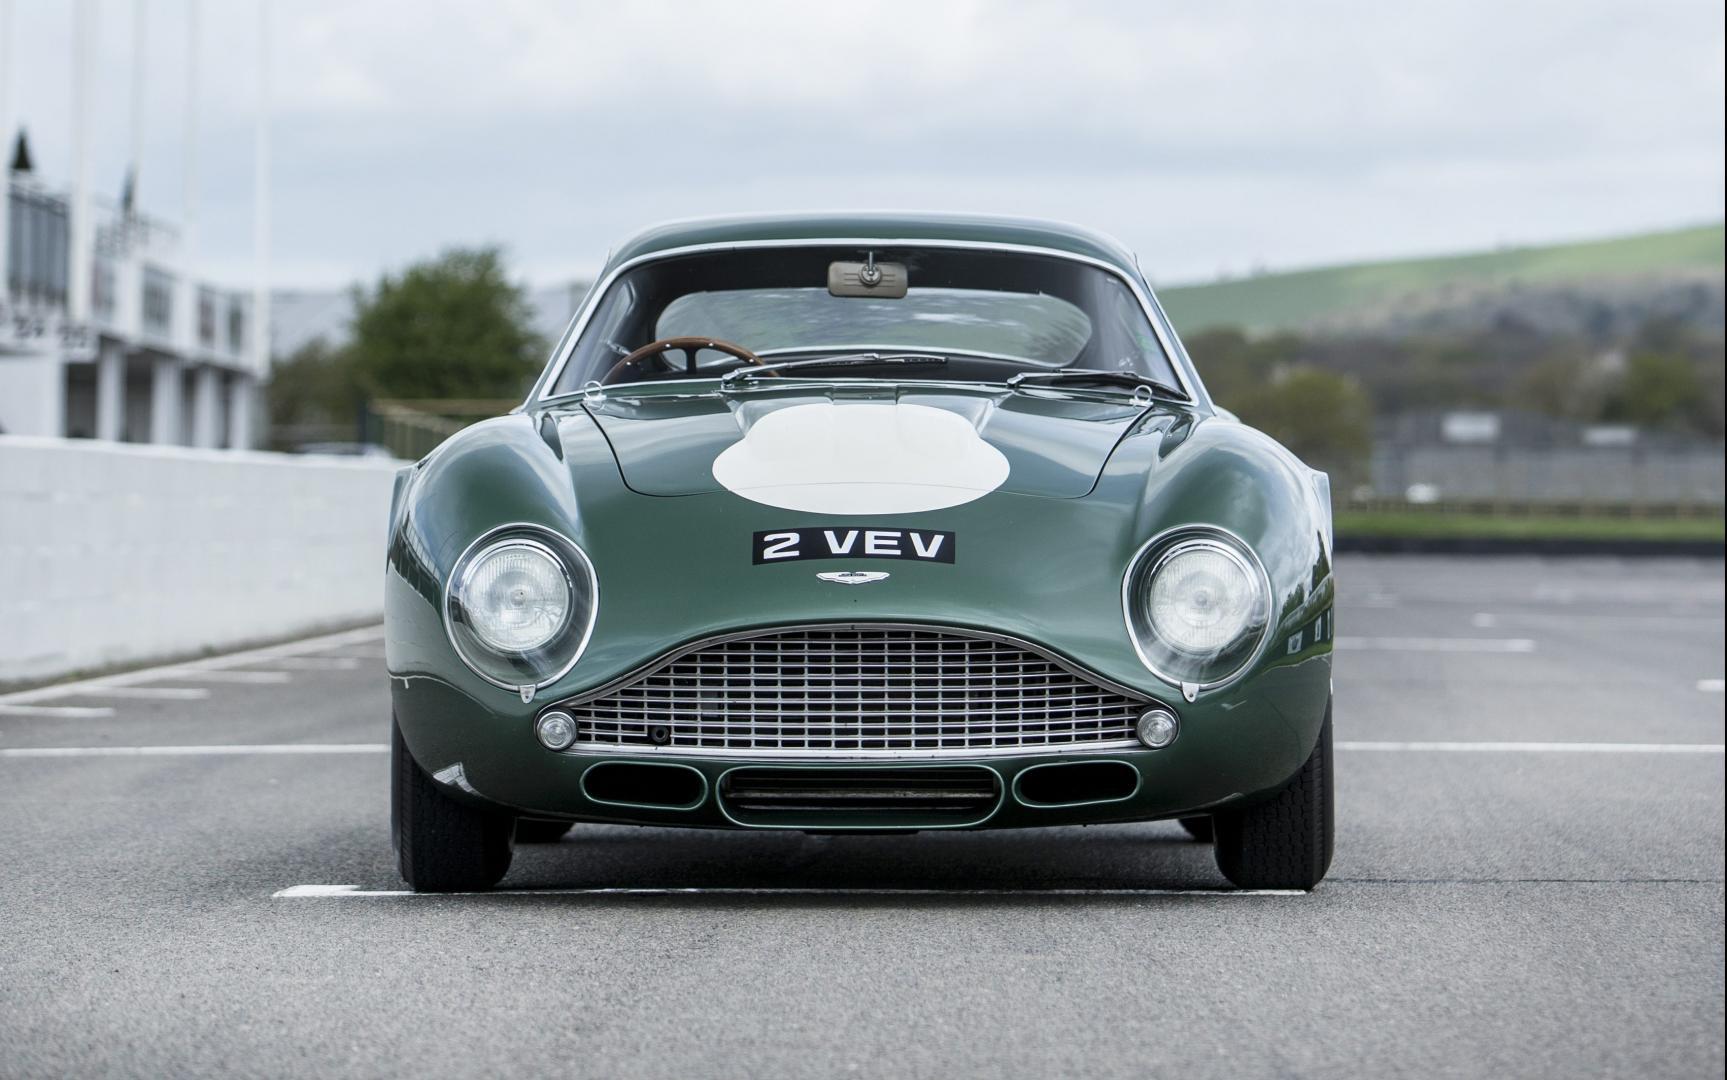 Aston Martin Db4gt Zagato Duurste Engelse Auto Ooit Topgear